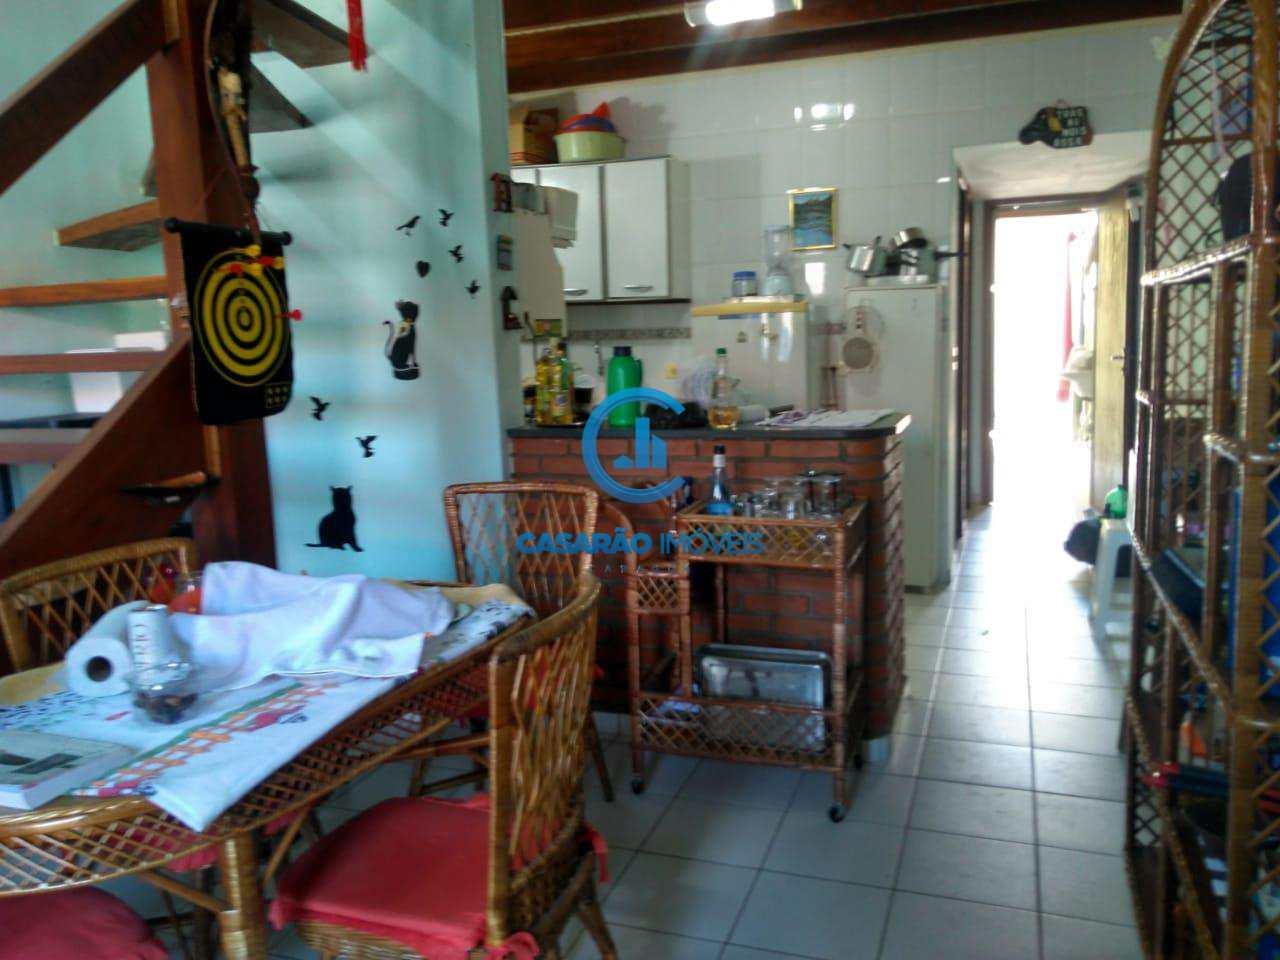 Casa de Condomínio com 2 dorms, Martim de Sá, Caraguatatuba - R$ 260 mil, Cod: 9102